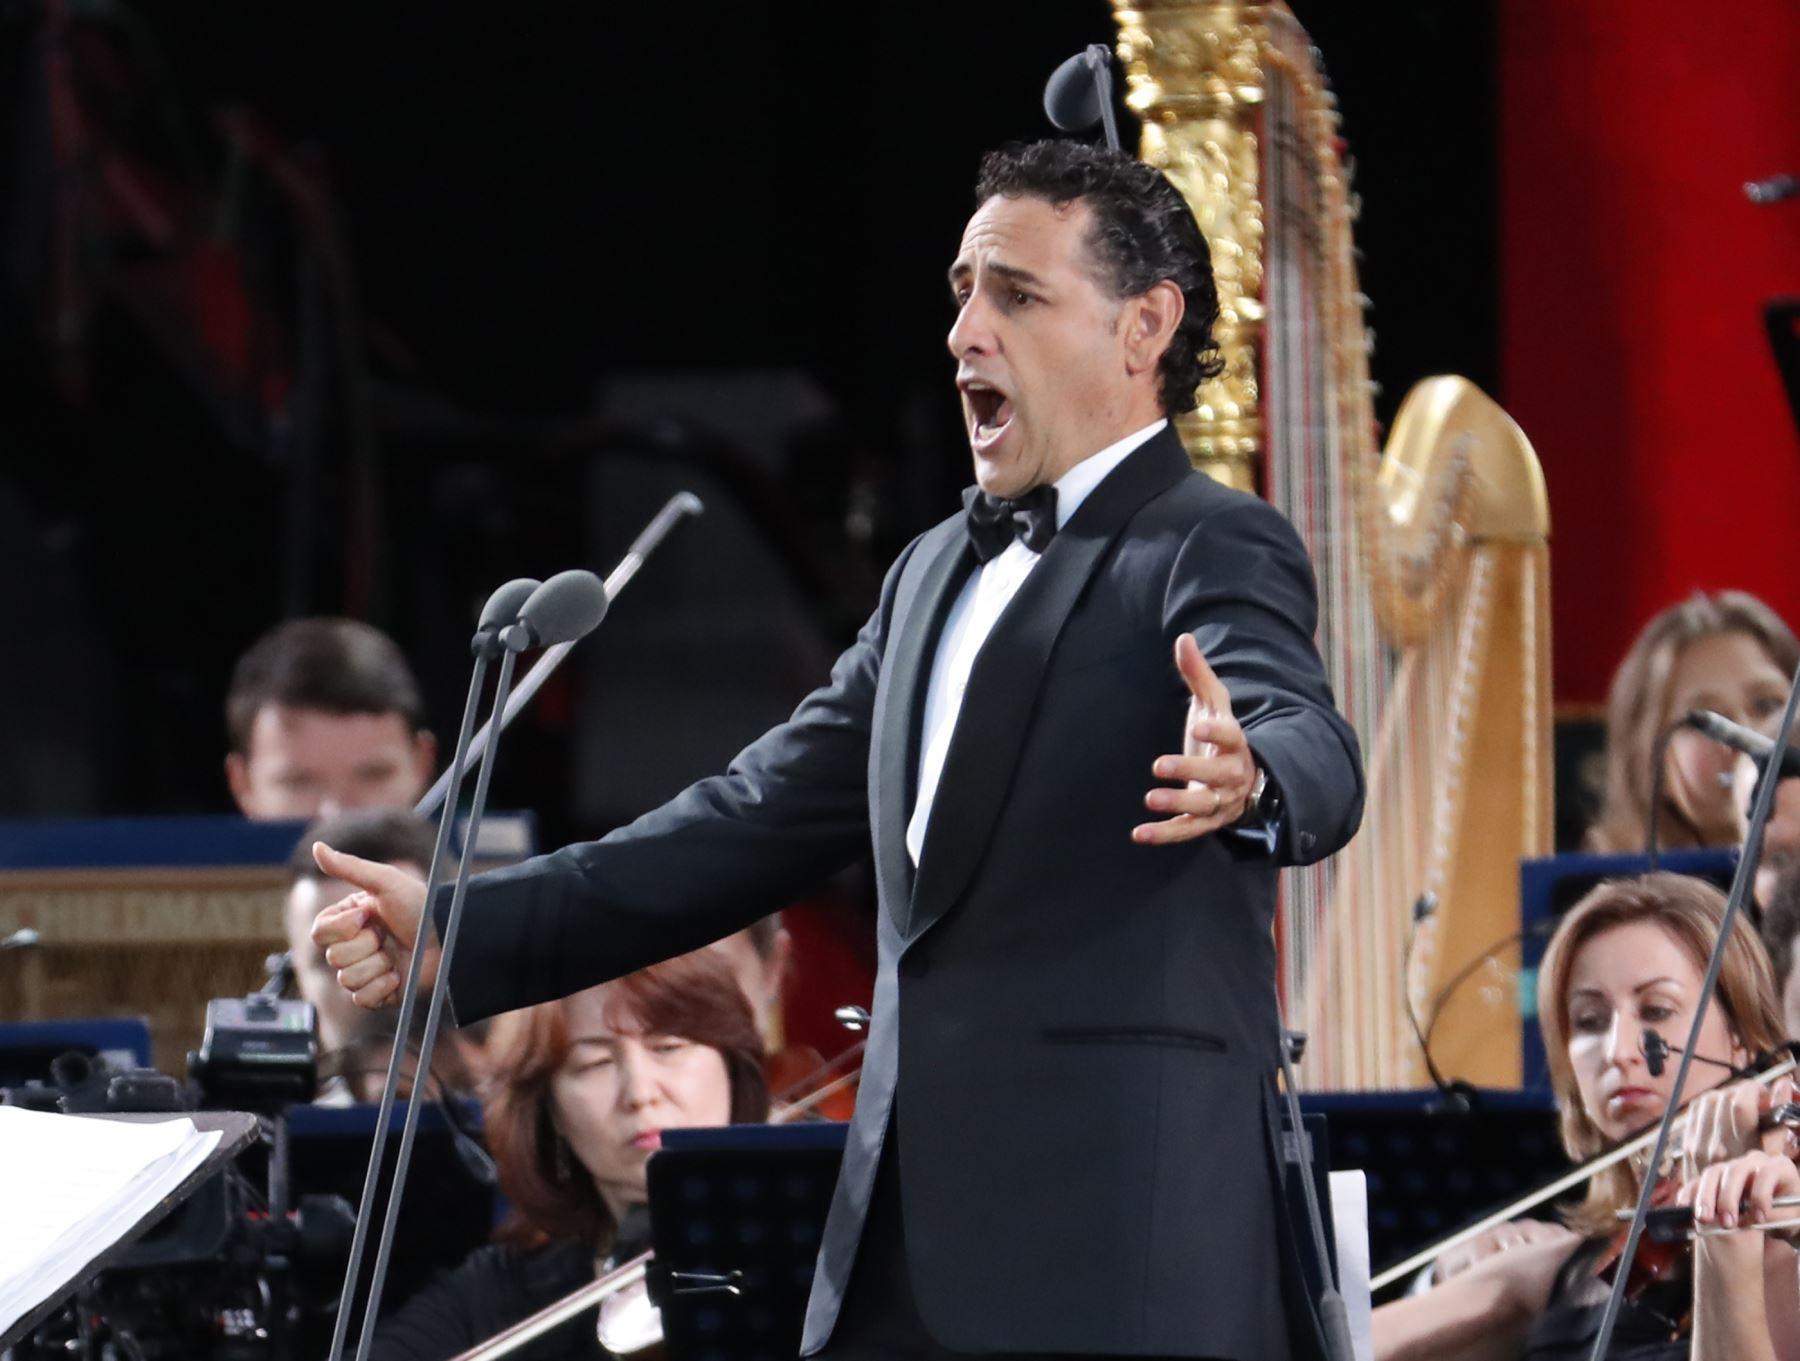 El tenor peruano Juan Diego Flórez se presentan durante un concierto de gala dedicado al torneo de fútbol de la Copa Mundial Rusia 2018 en la Plaza Roja de Moscú el 13 de junio de 2018. Foto: AFP